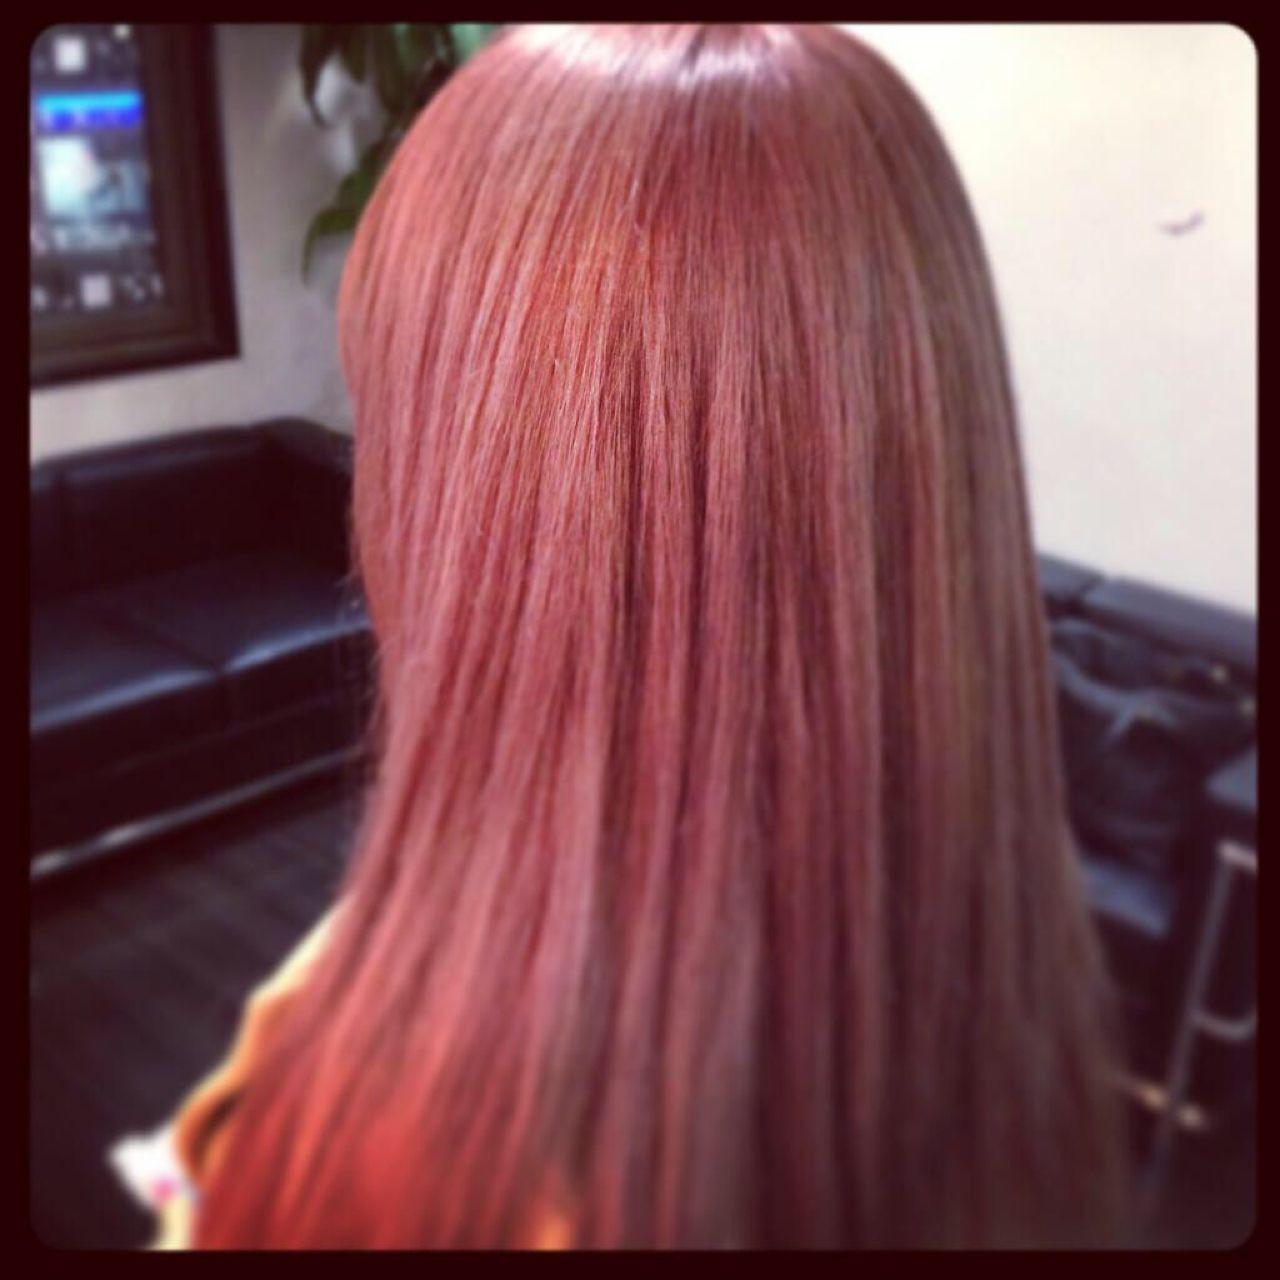 かわいい♡色っぽい♡ピンクブラウンは女子にいいことづくしなヘアカラー♪ 小野 英哉 クリリン